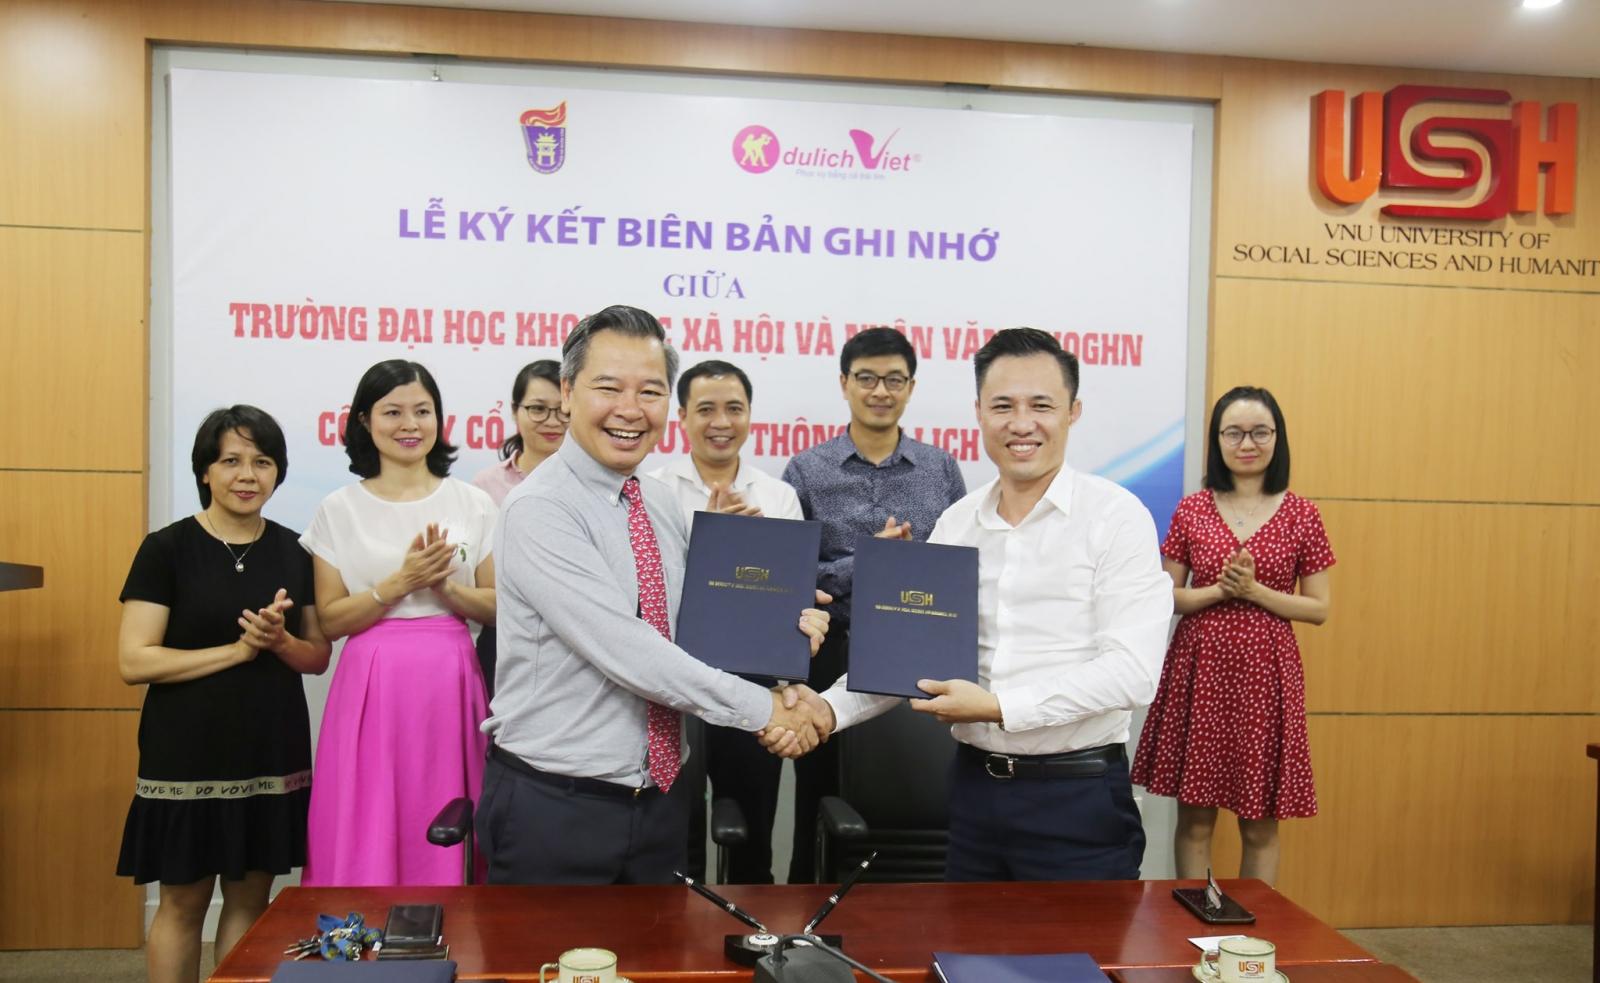 Du Lịch Việt và Trường ĐH KHXH&NV Hà Nội Ký kết Hợp tác Đào tạo Cung ứng Nguồn nhân lực chất lượng cao